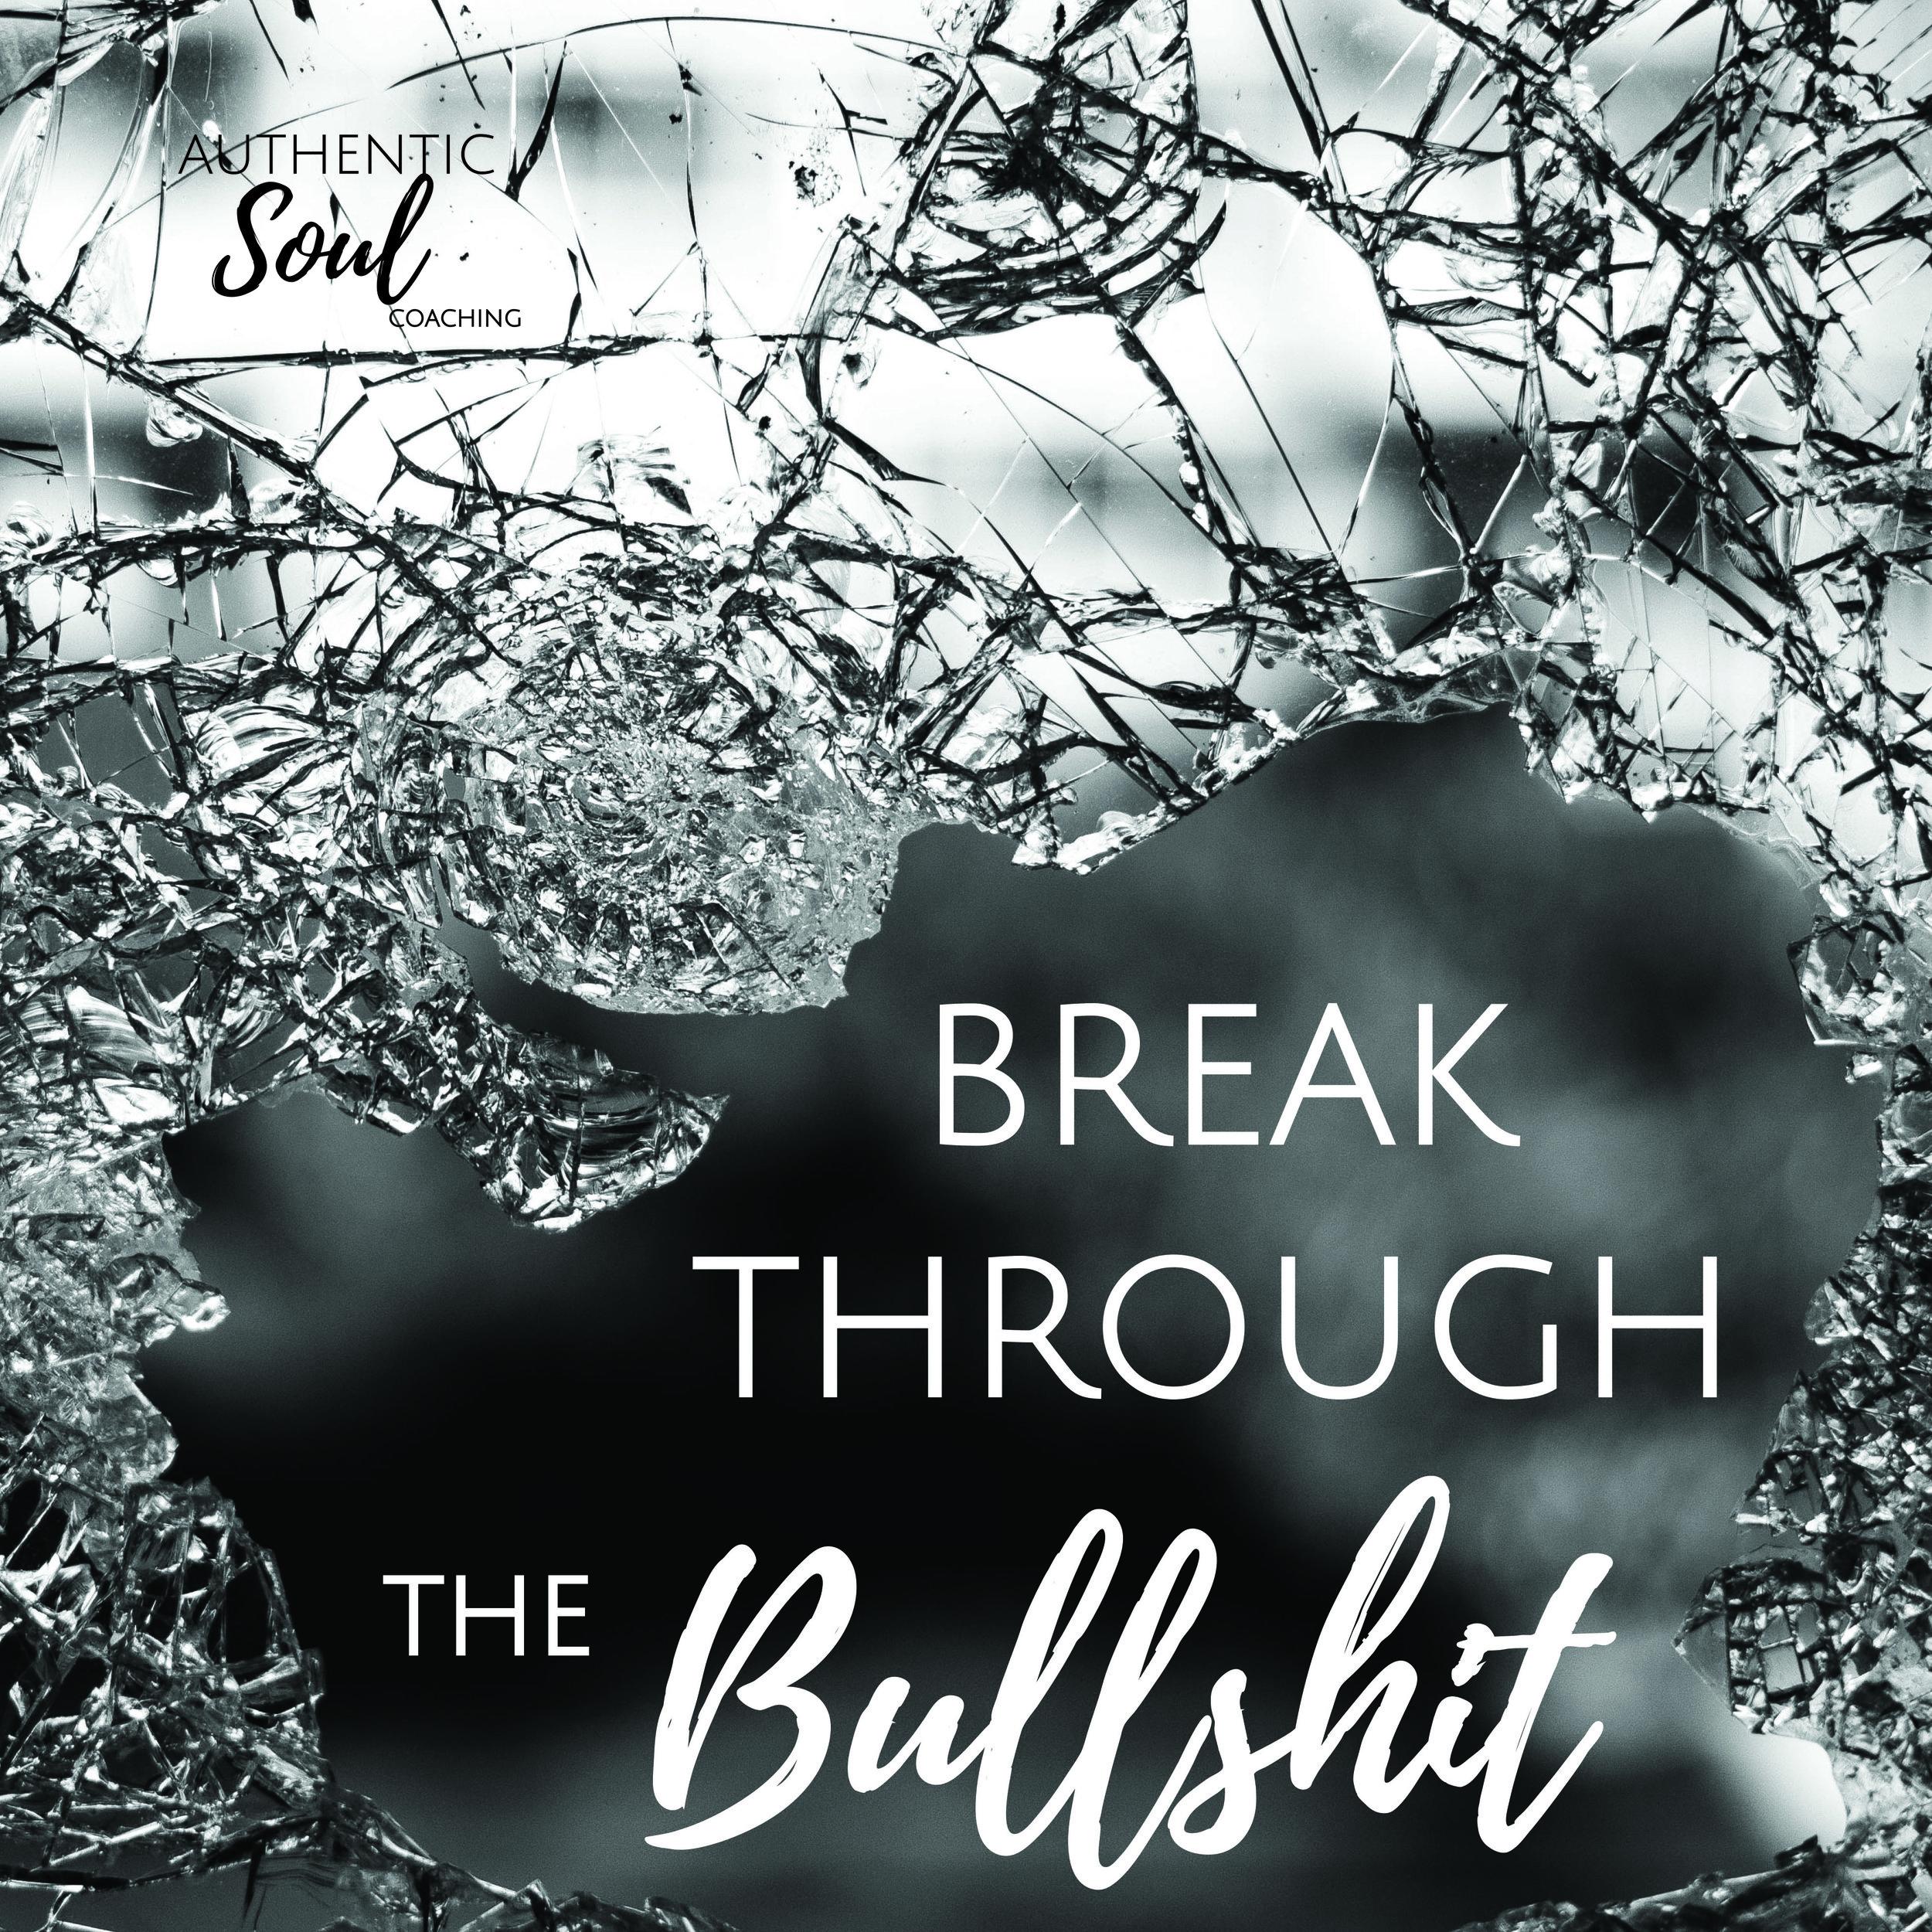 Break Through the Bullshit.jpg